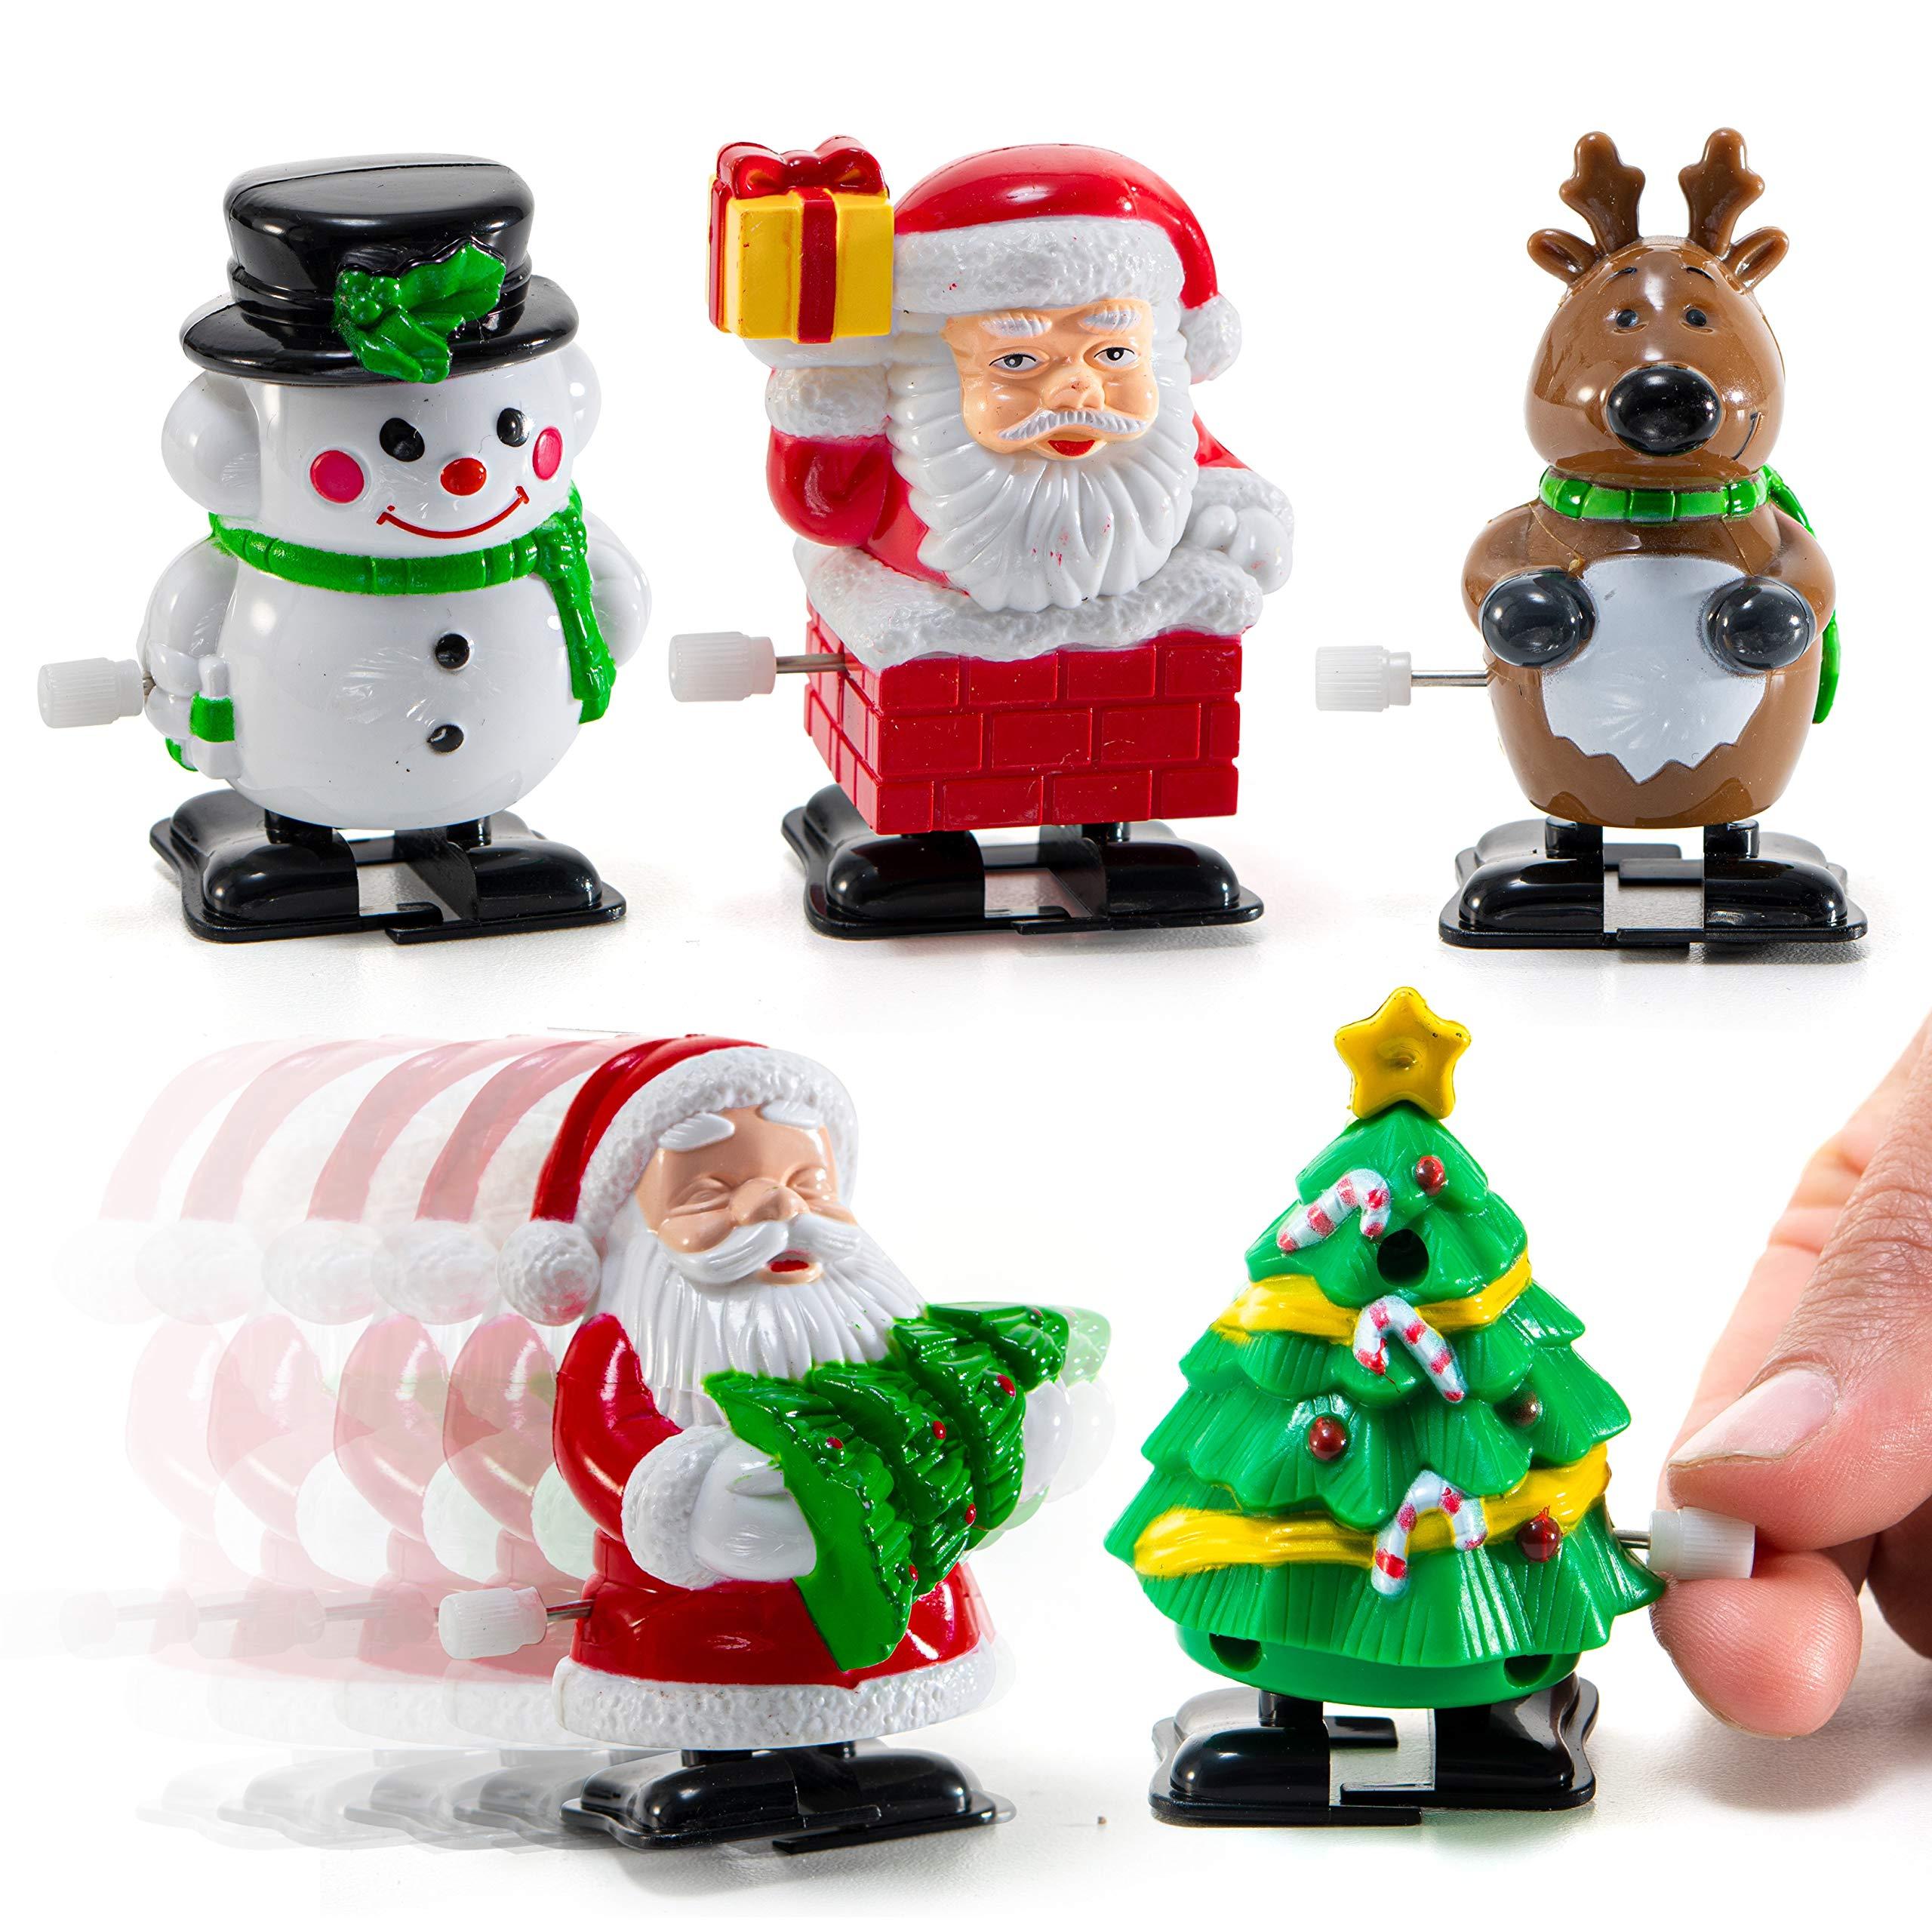 Prextex Christmas Stocking Stuffers Stuffers